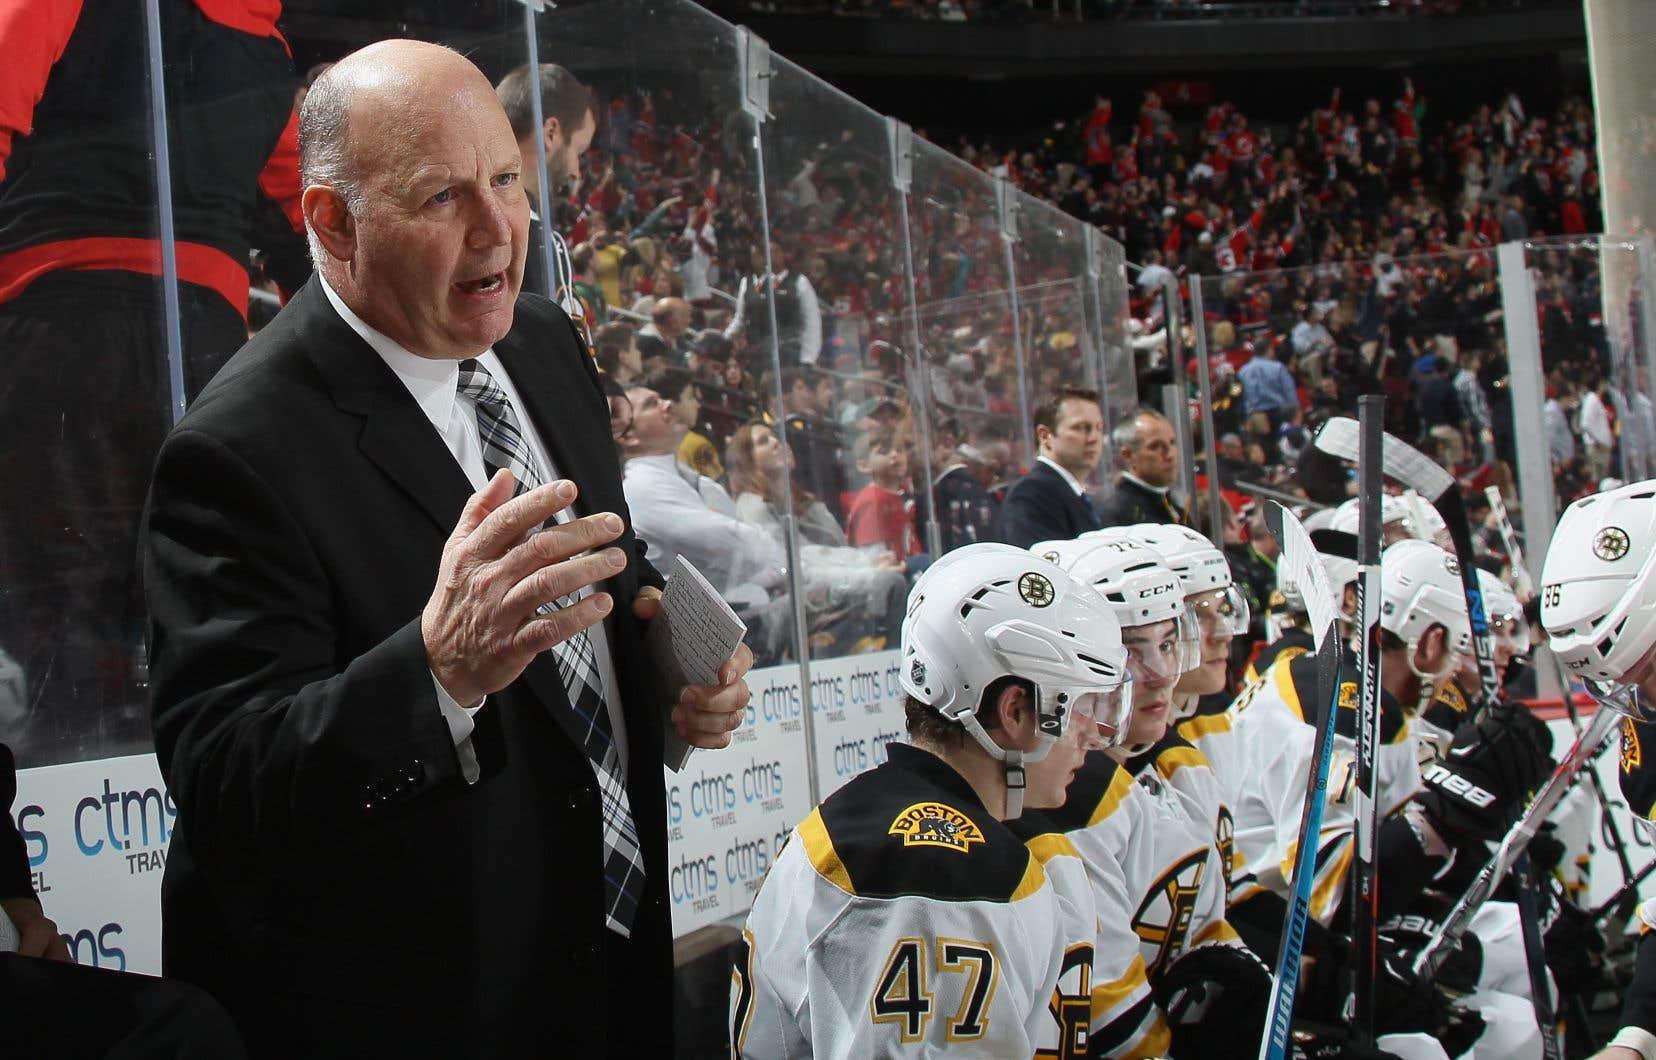 Le séjour de Claude Julien aura tout de même permis aux Bruins de gagner la coupe Stanley en 2011, leur première depuis 1972.